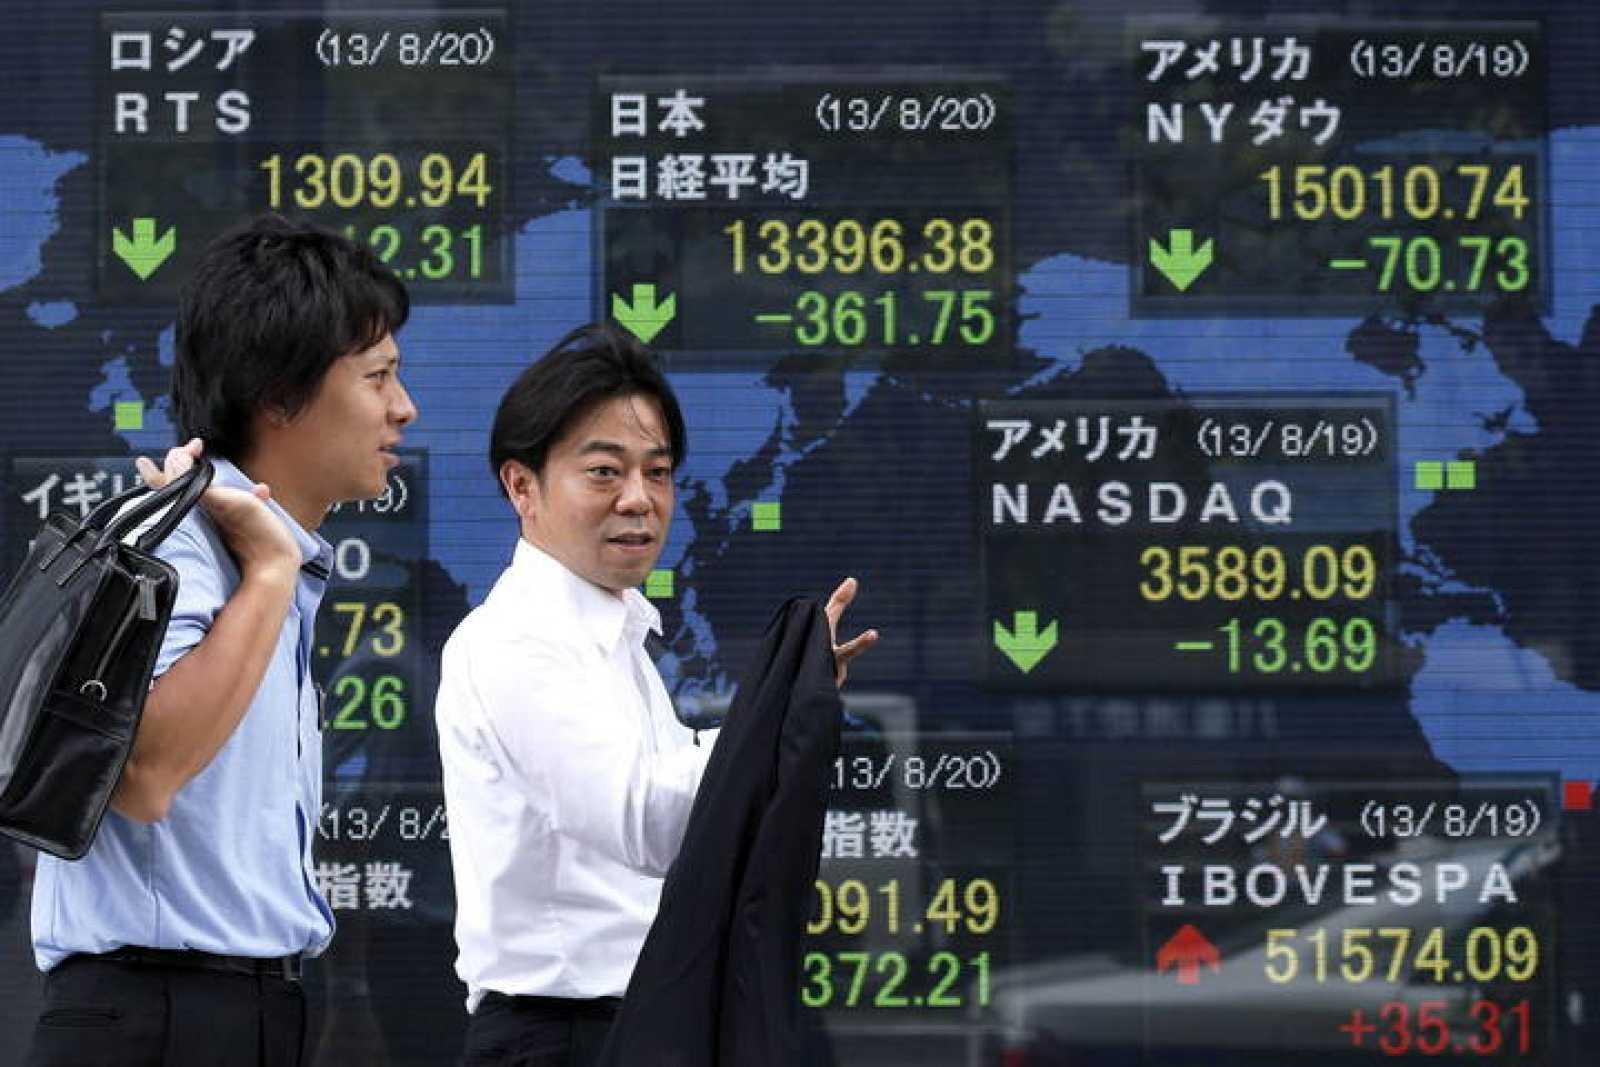 La Bolsa de Tokio ha cerrado su sesión del martes 20 de agosto con una caída del 2,63%